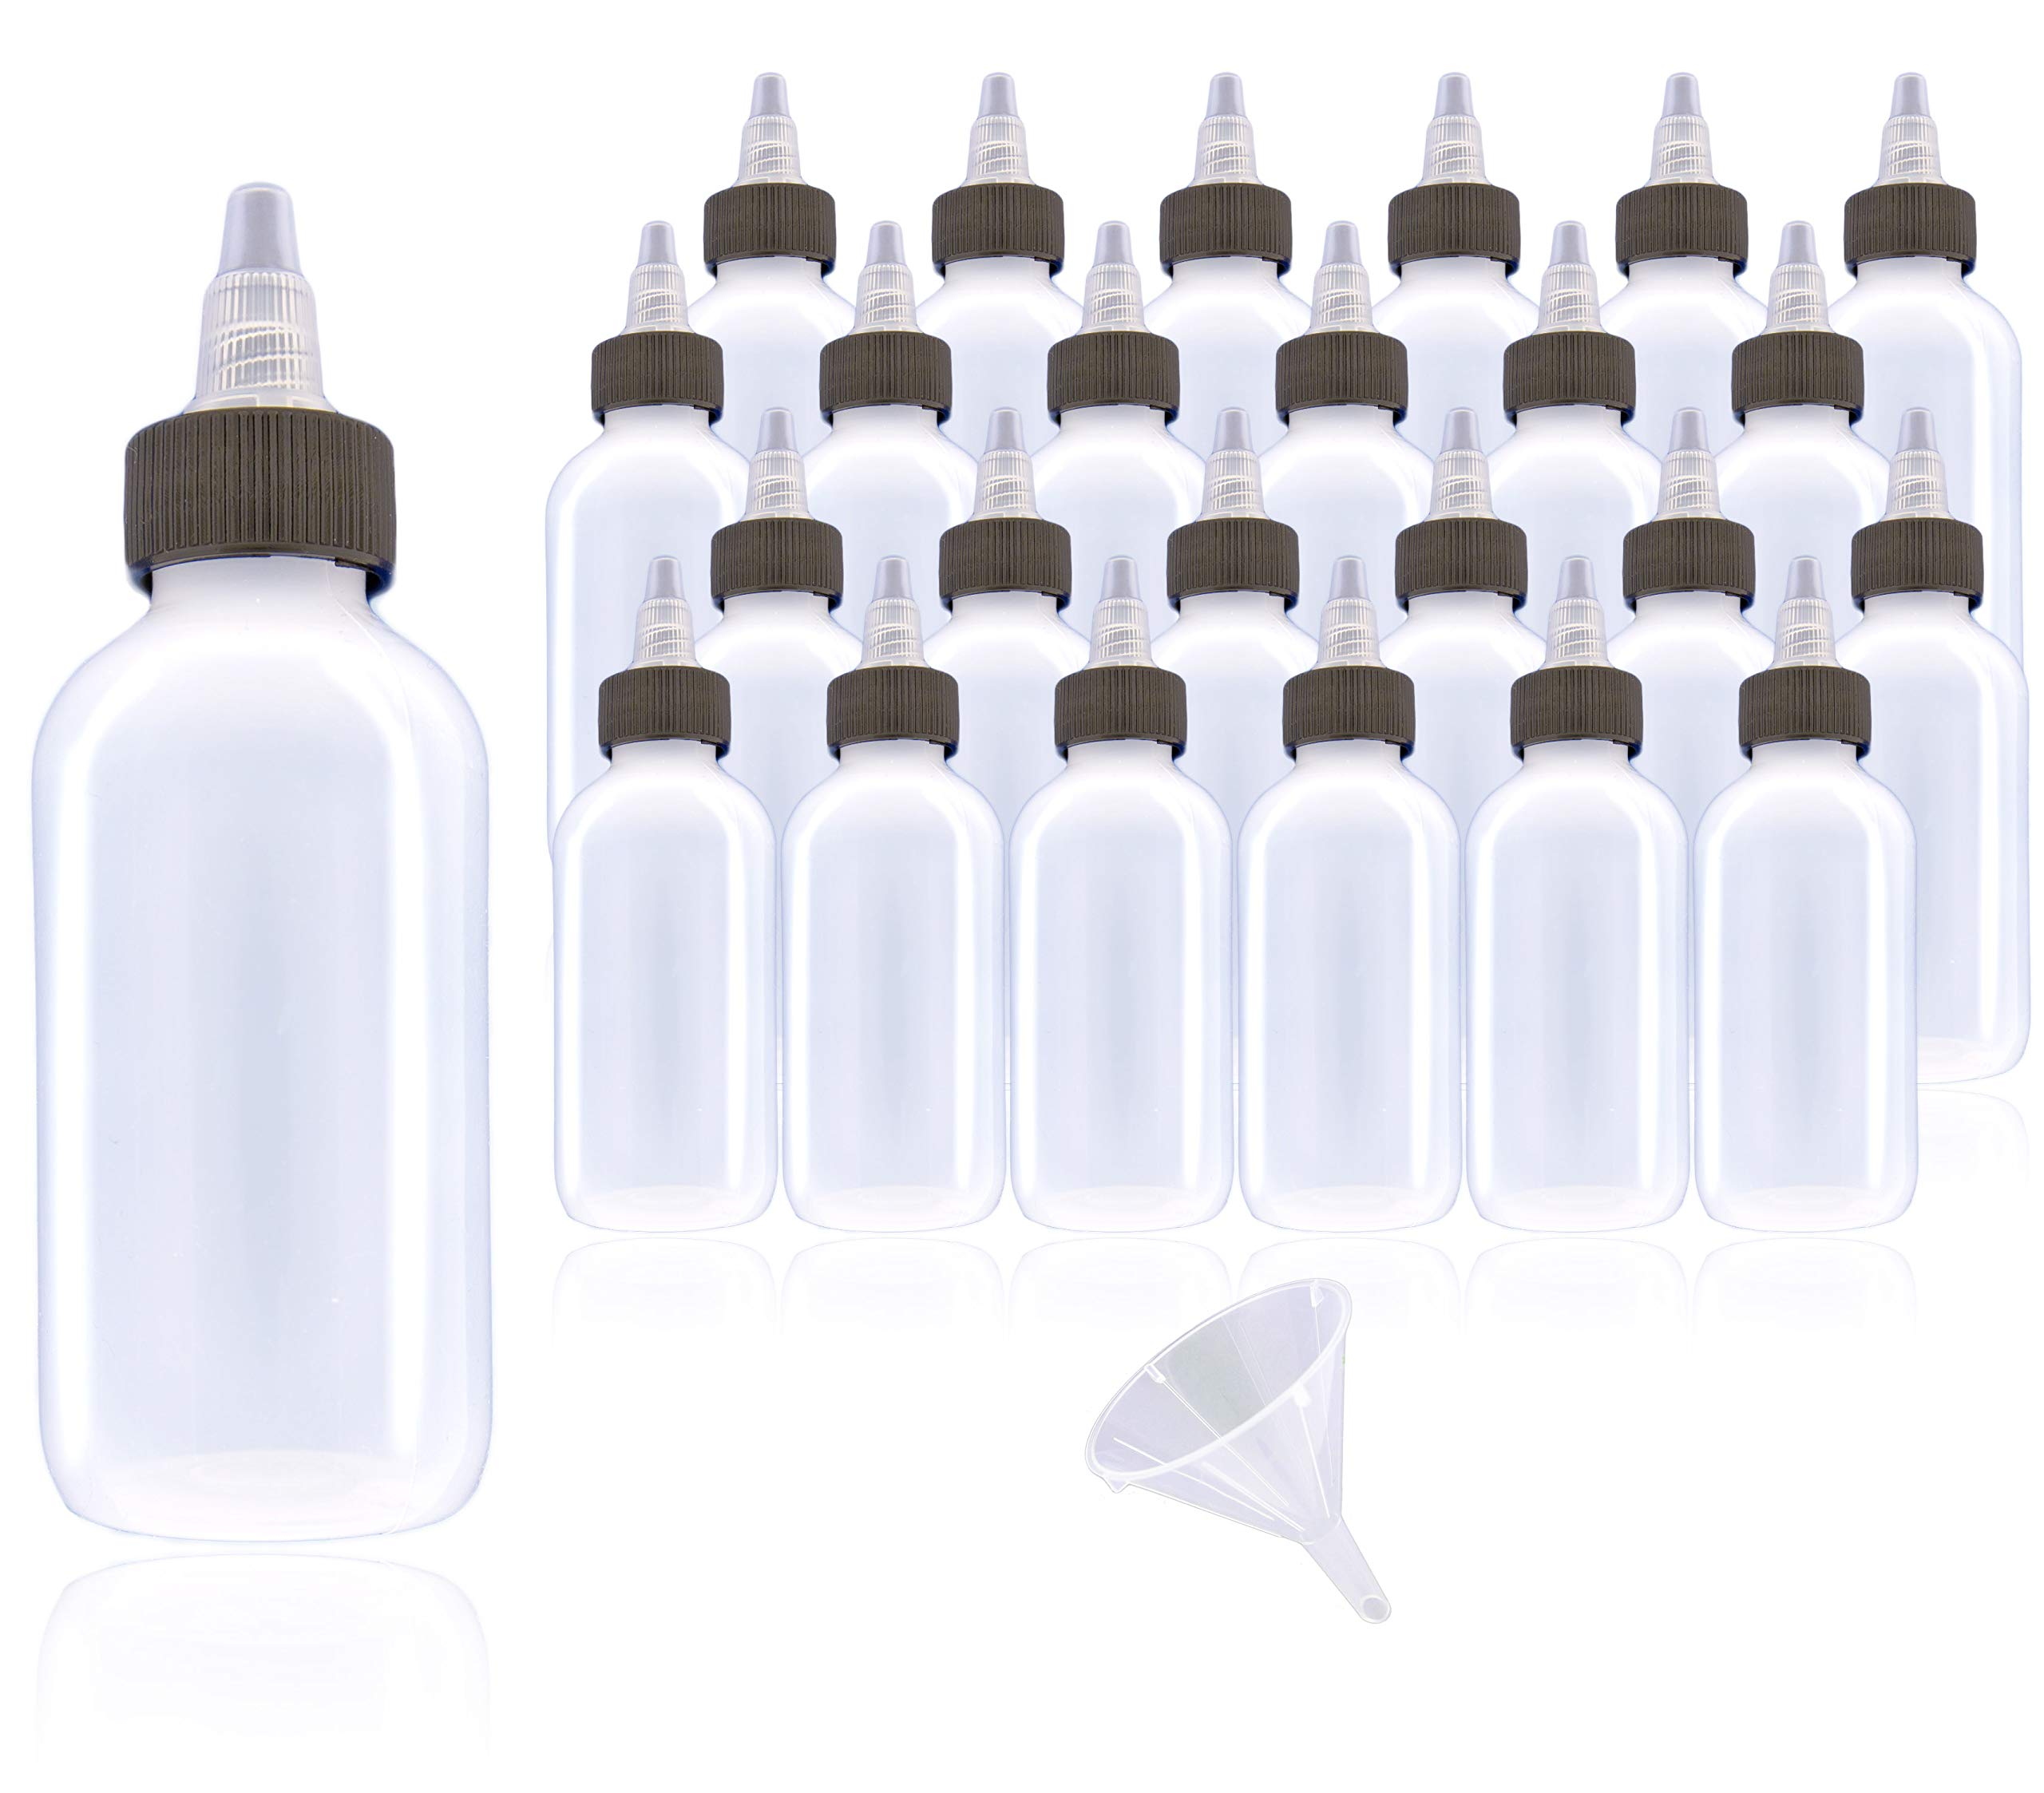 2oz Rollander Boston Round LDPE Small Plastic Squeeze Bottle Vape Juice Bottle 60ml Twist Top Cap Plus Easy Pour Funnel (2 oz (60ml), 25)